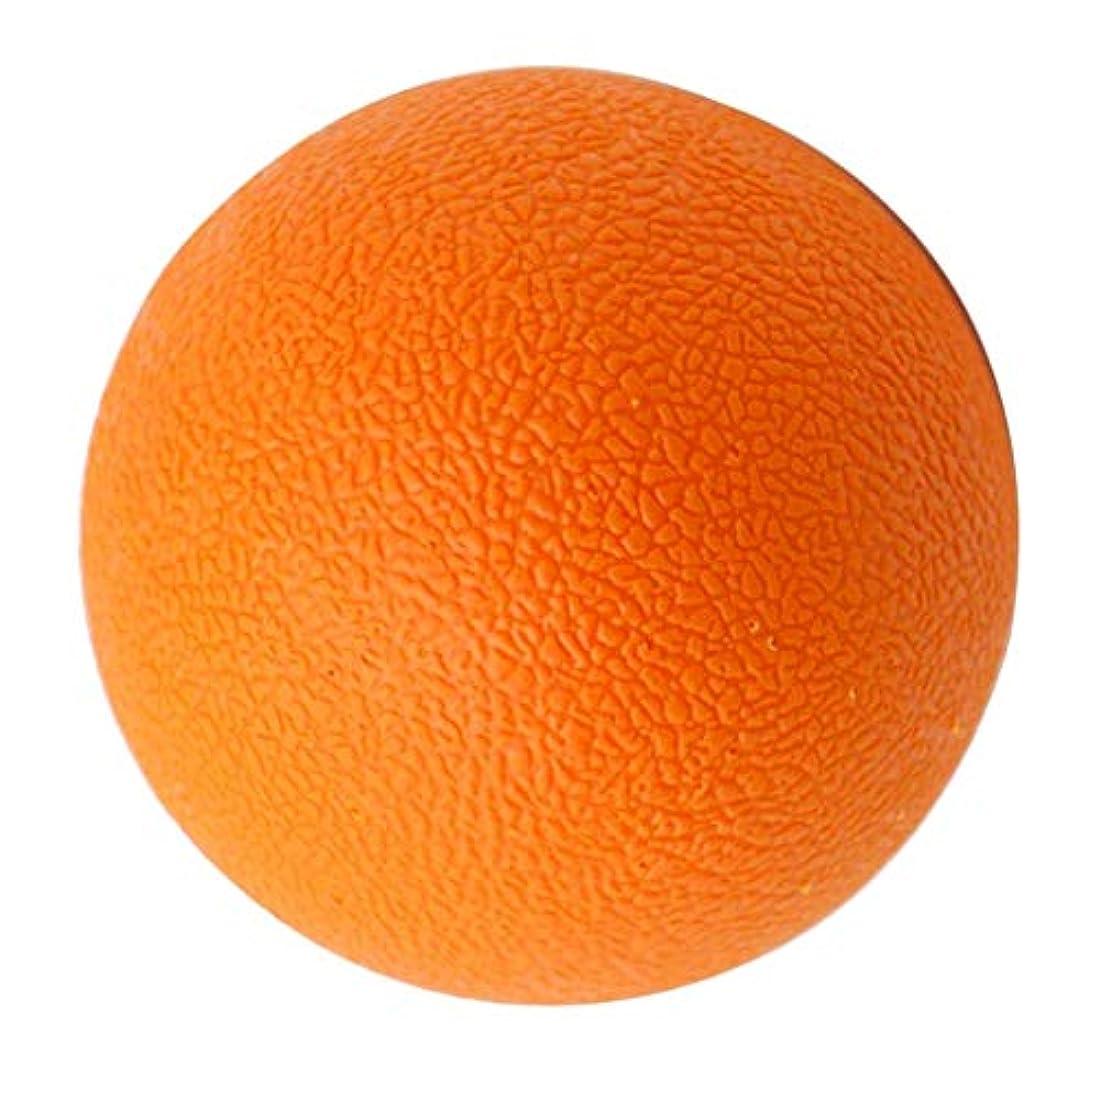 外側め言葉化石CUTICATE ラクロスボール マッサージボール トリガーポイント 筋膜リリース 腕、首、背中 解消 オレンジ